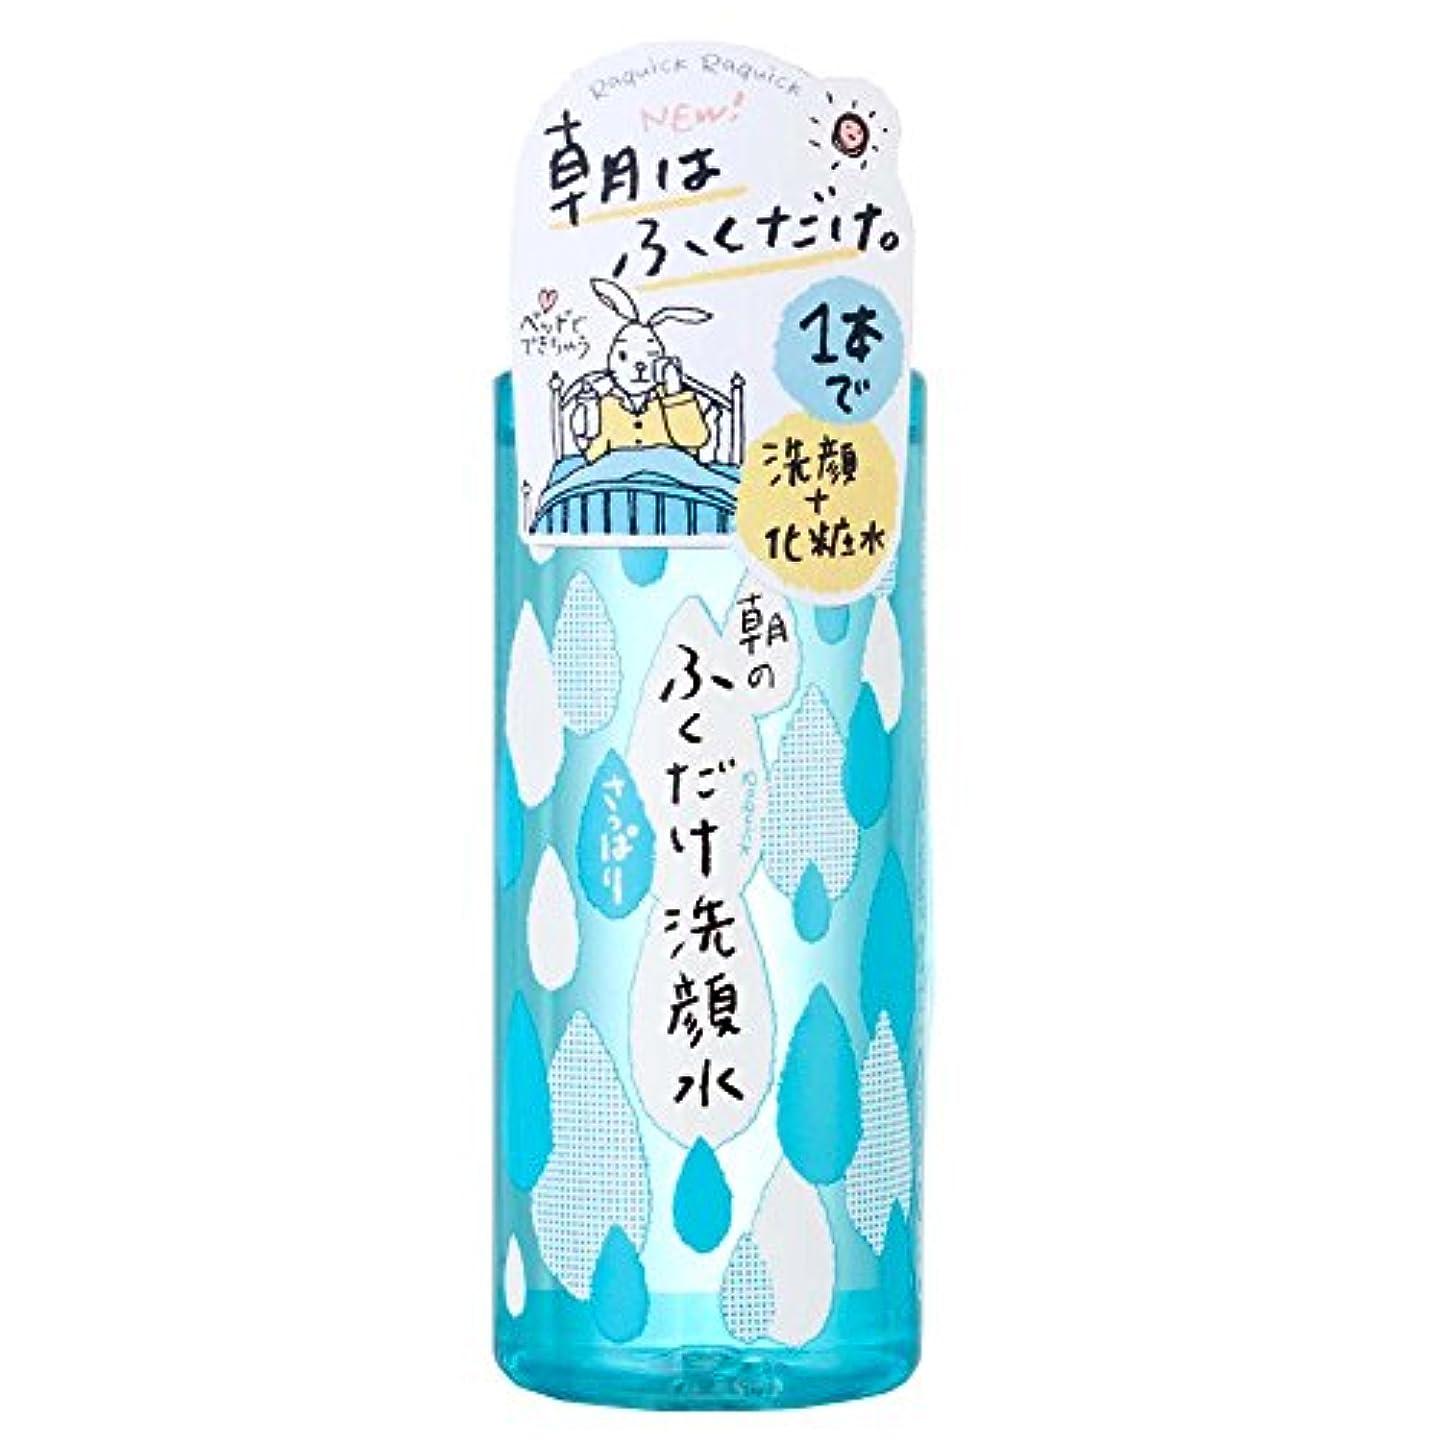 配管地域杖ラクイック 朝のふくだけ洗顔水 さっぱり 310mL